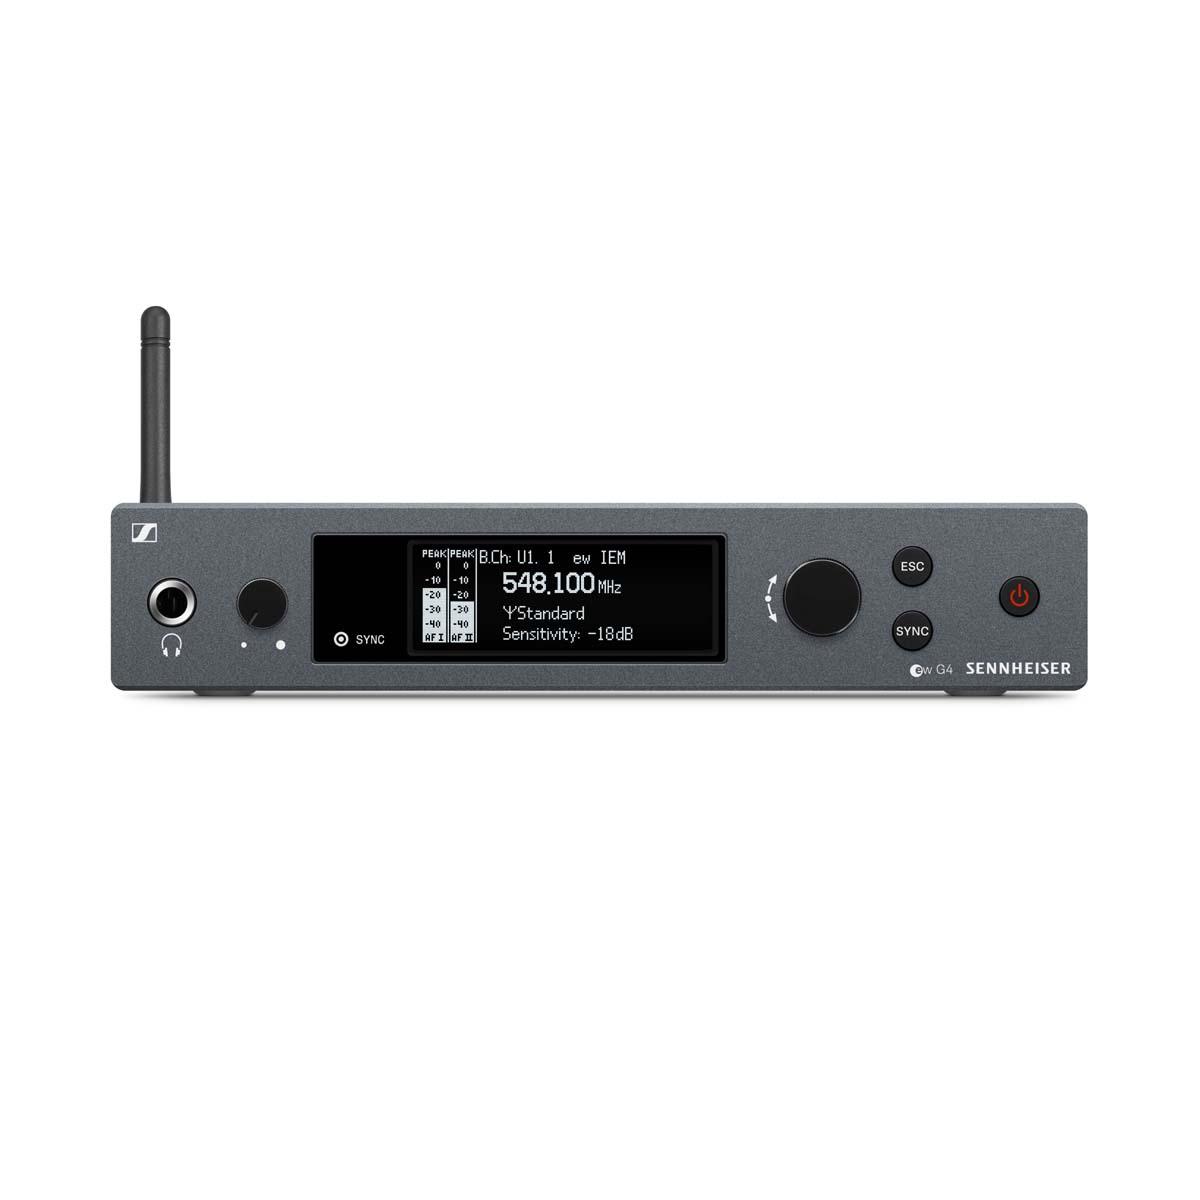 Sennheiser Sr Iem G4 E In Ear Monitoring Transmitter